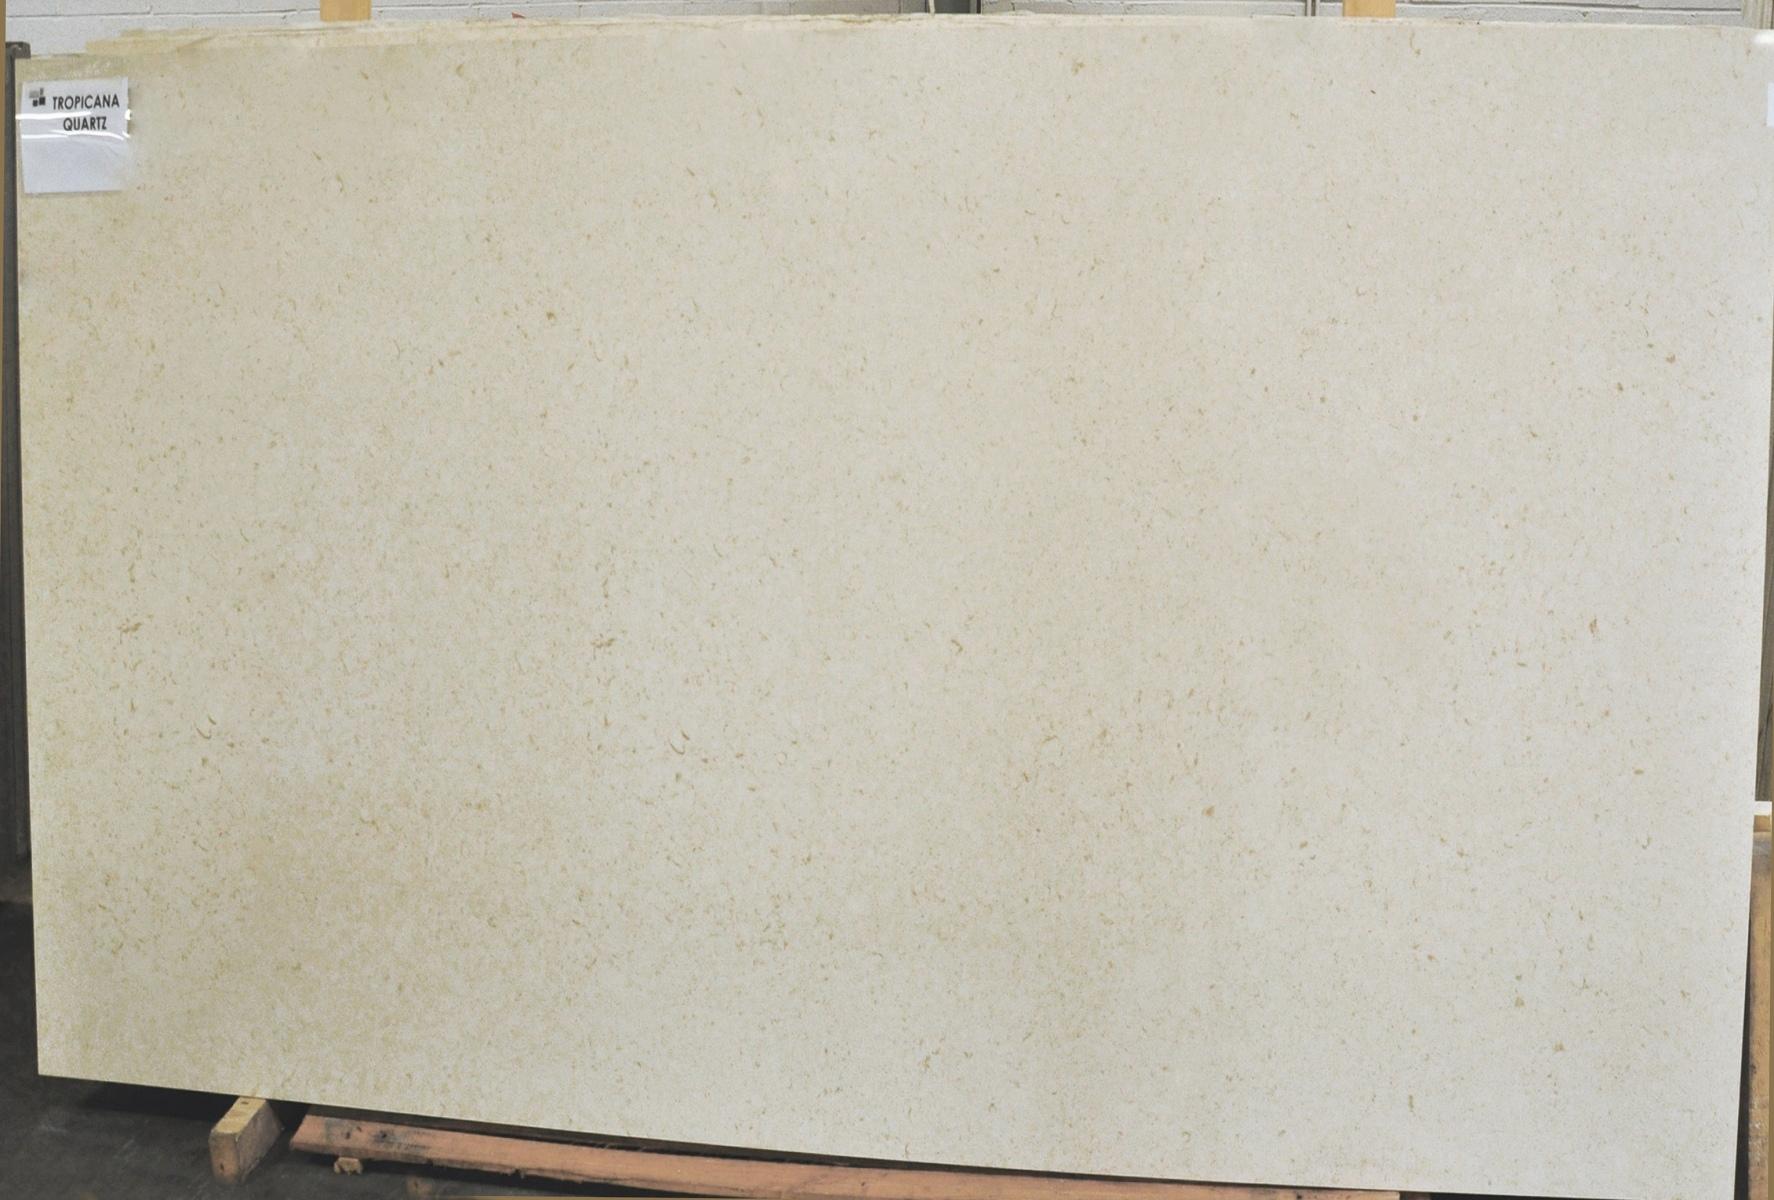 Tropicana 3 cm lot (5)